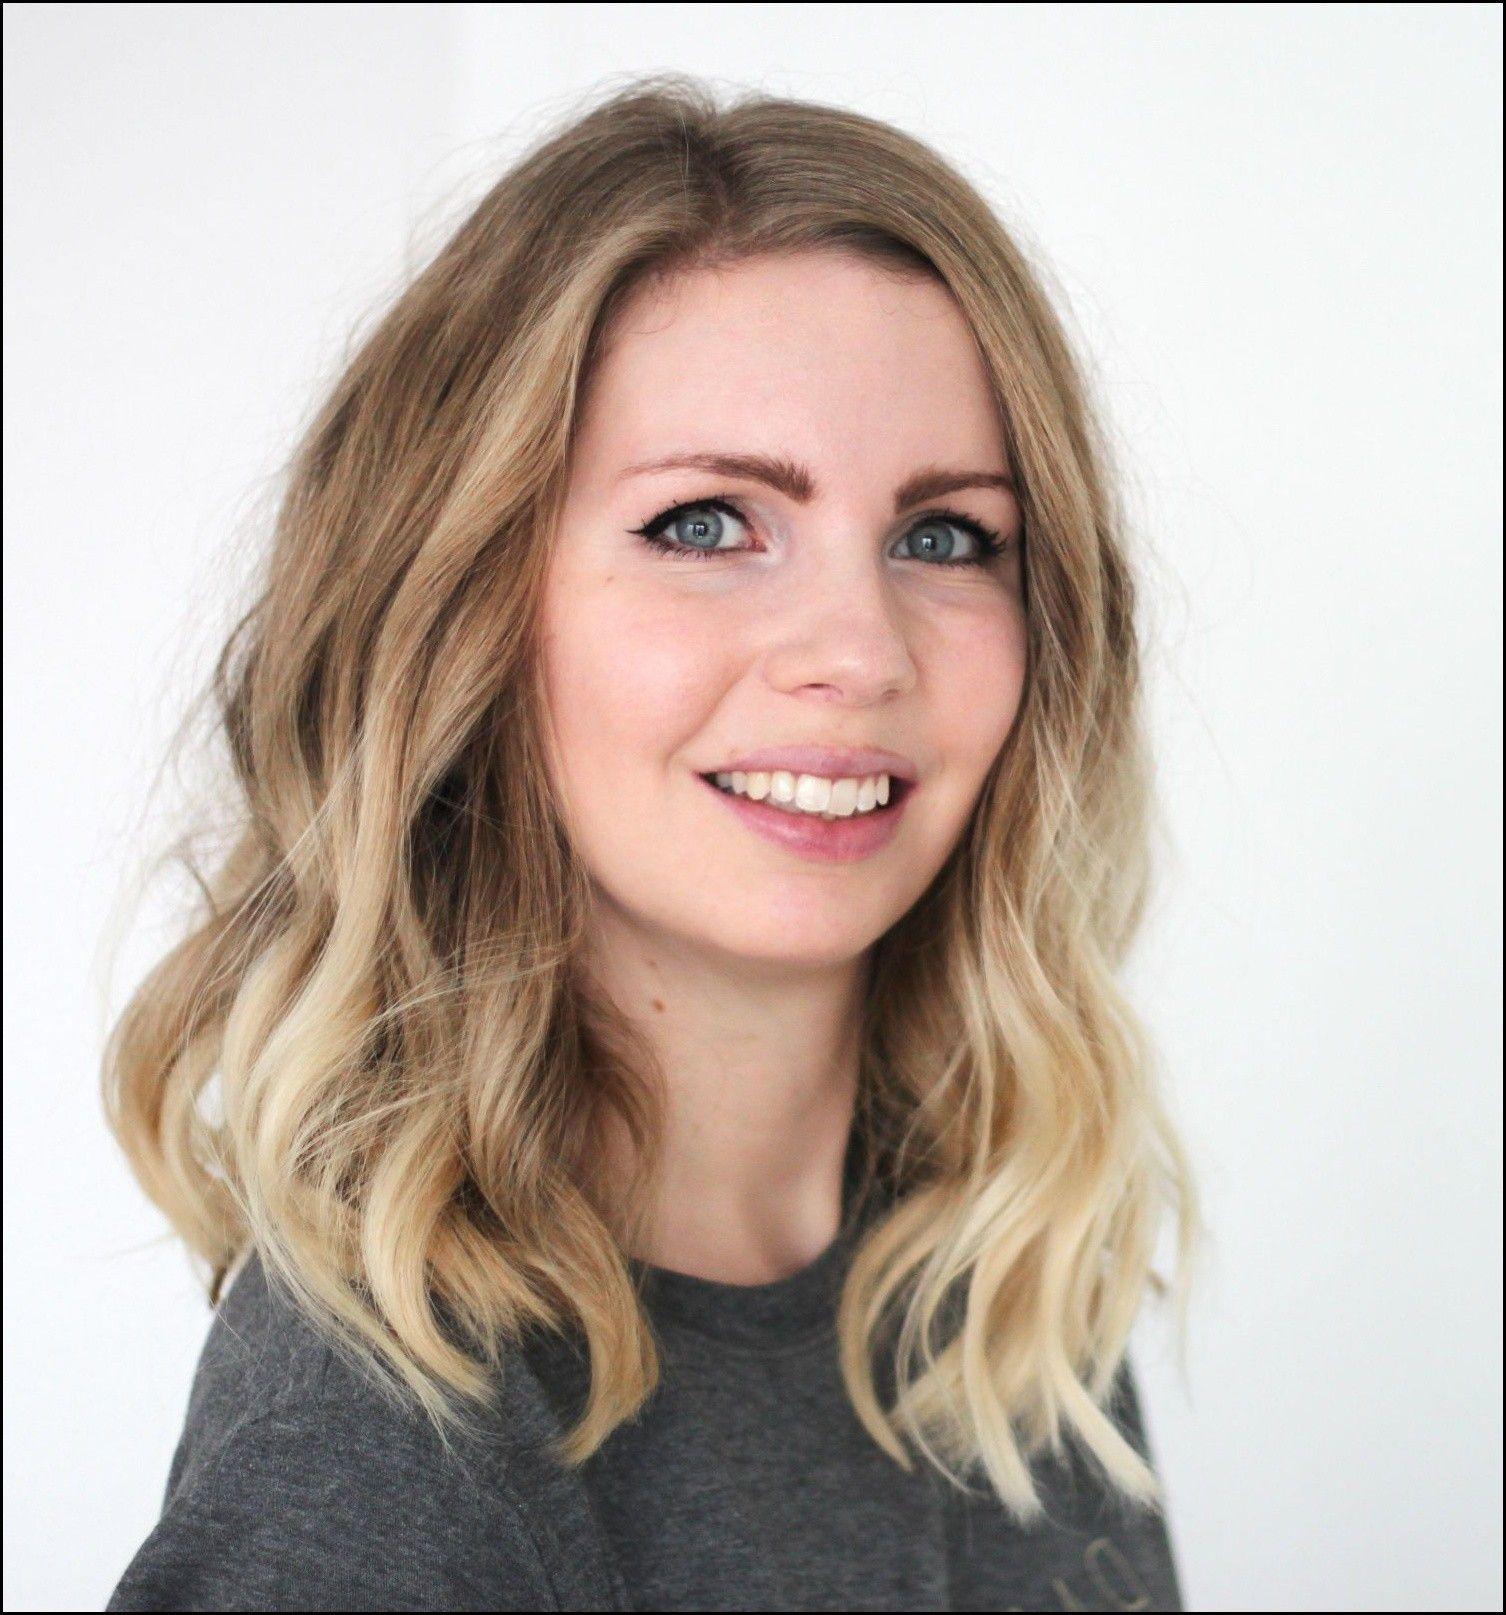 Effektive Stile Für Kurzes Krauses Haar